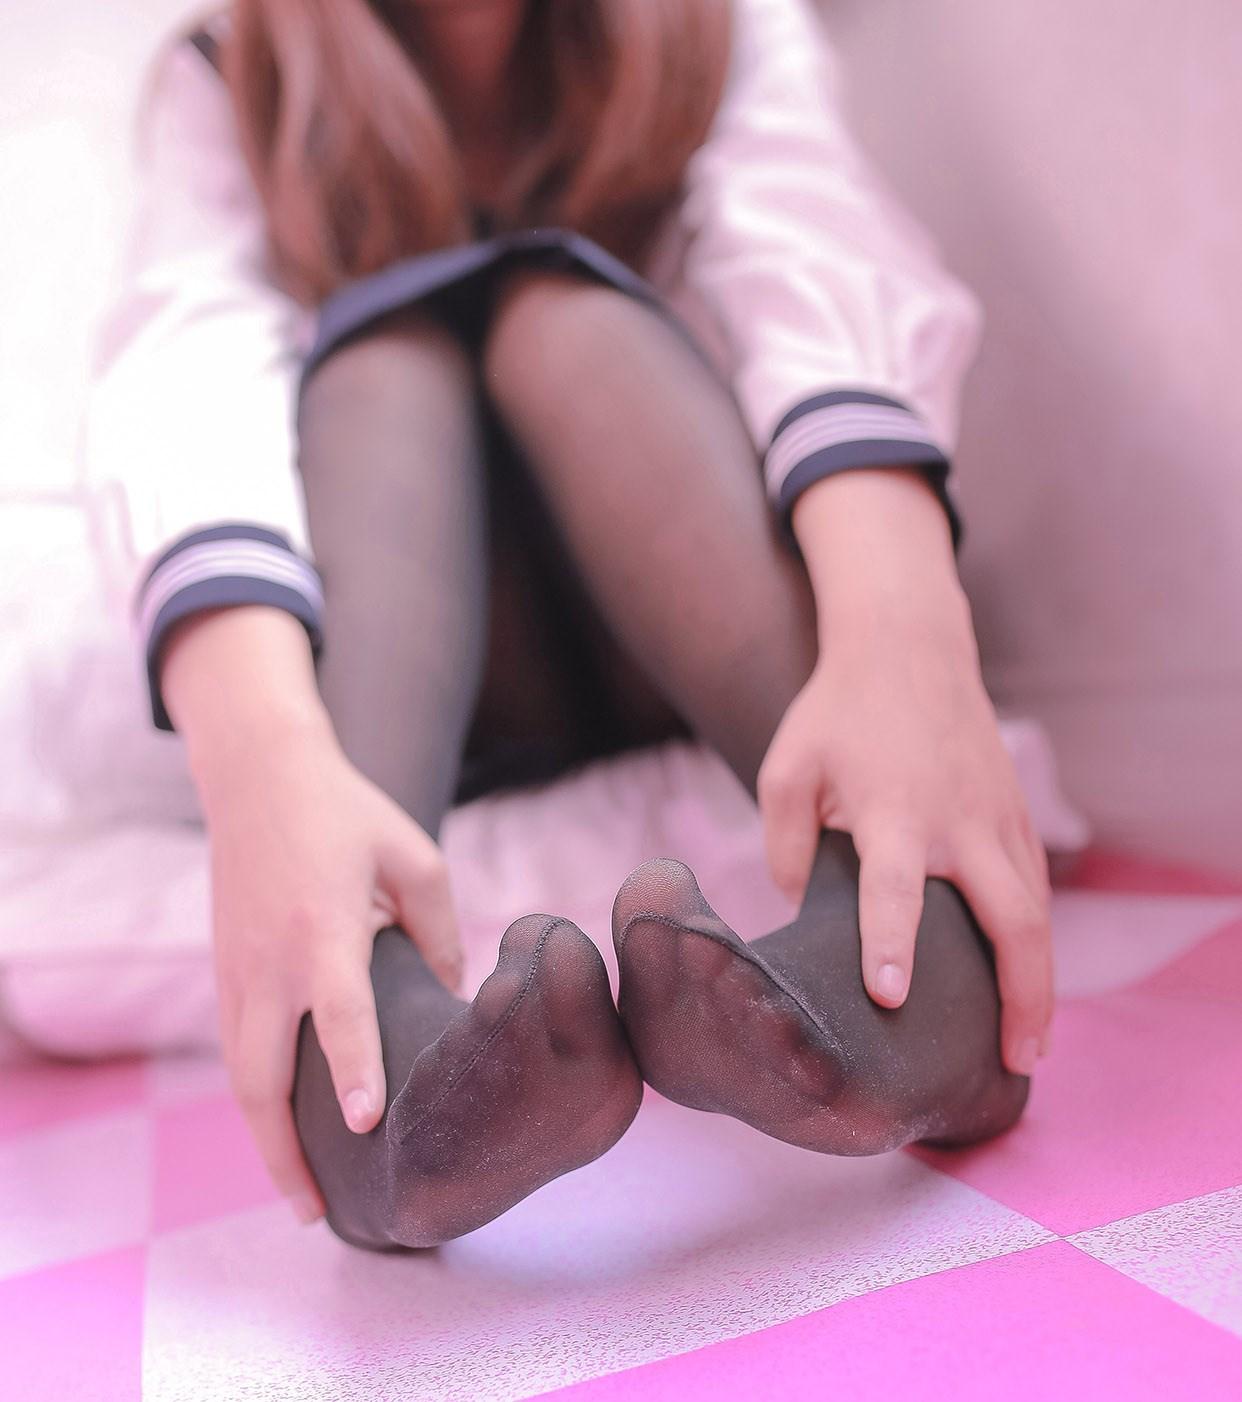 【兔玩映画】黑丝与肉丝 兔玩映画 第2张